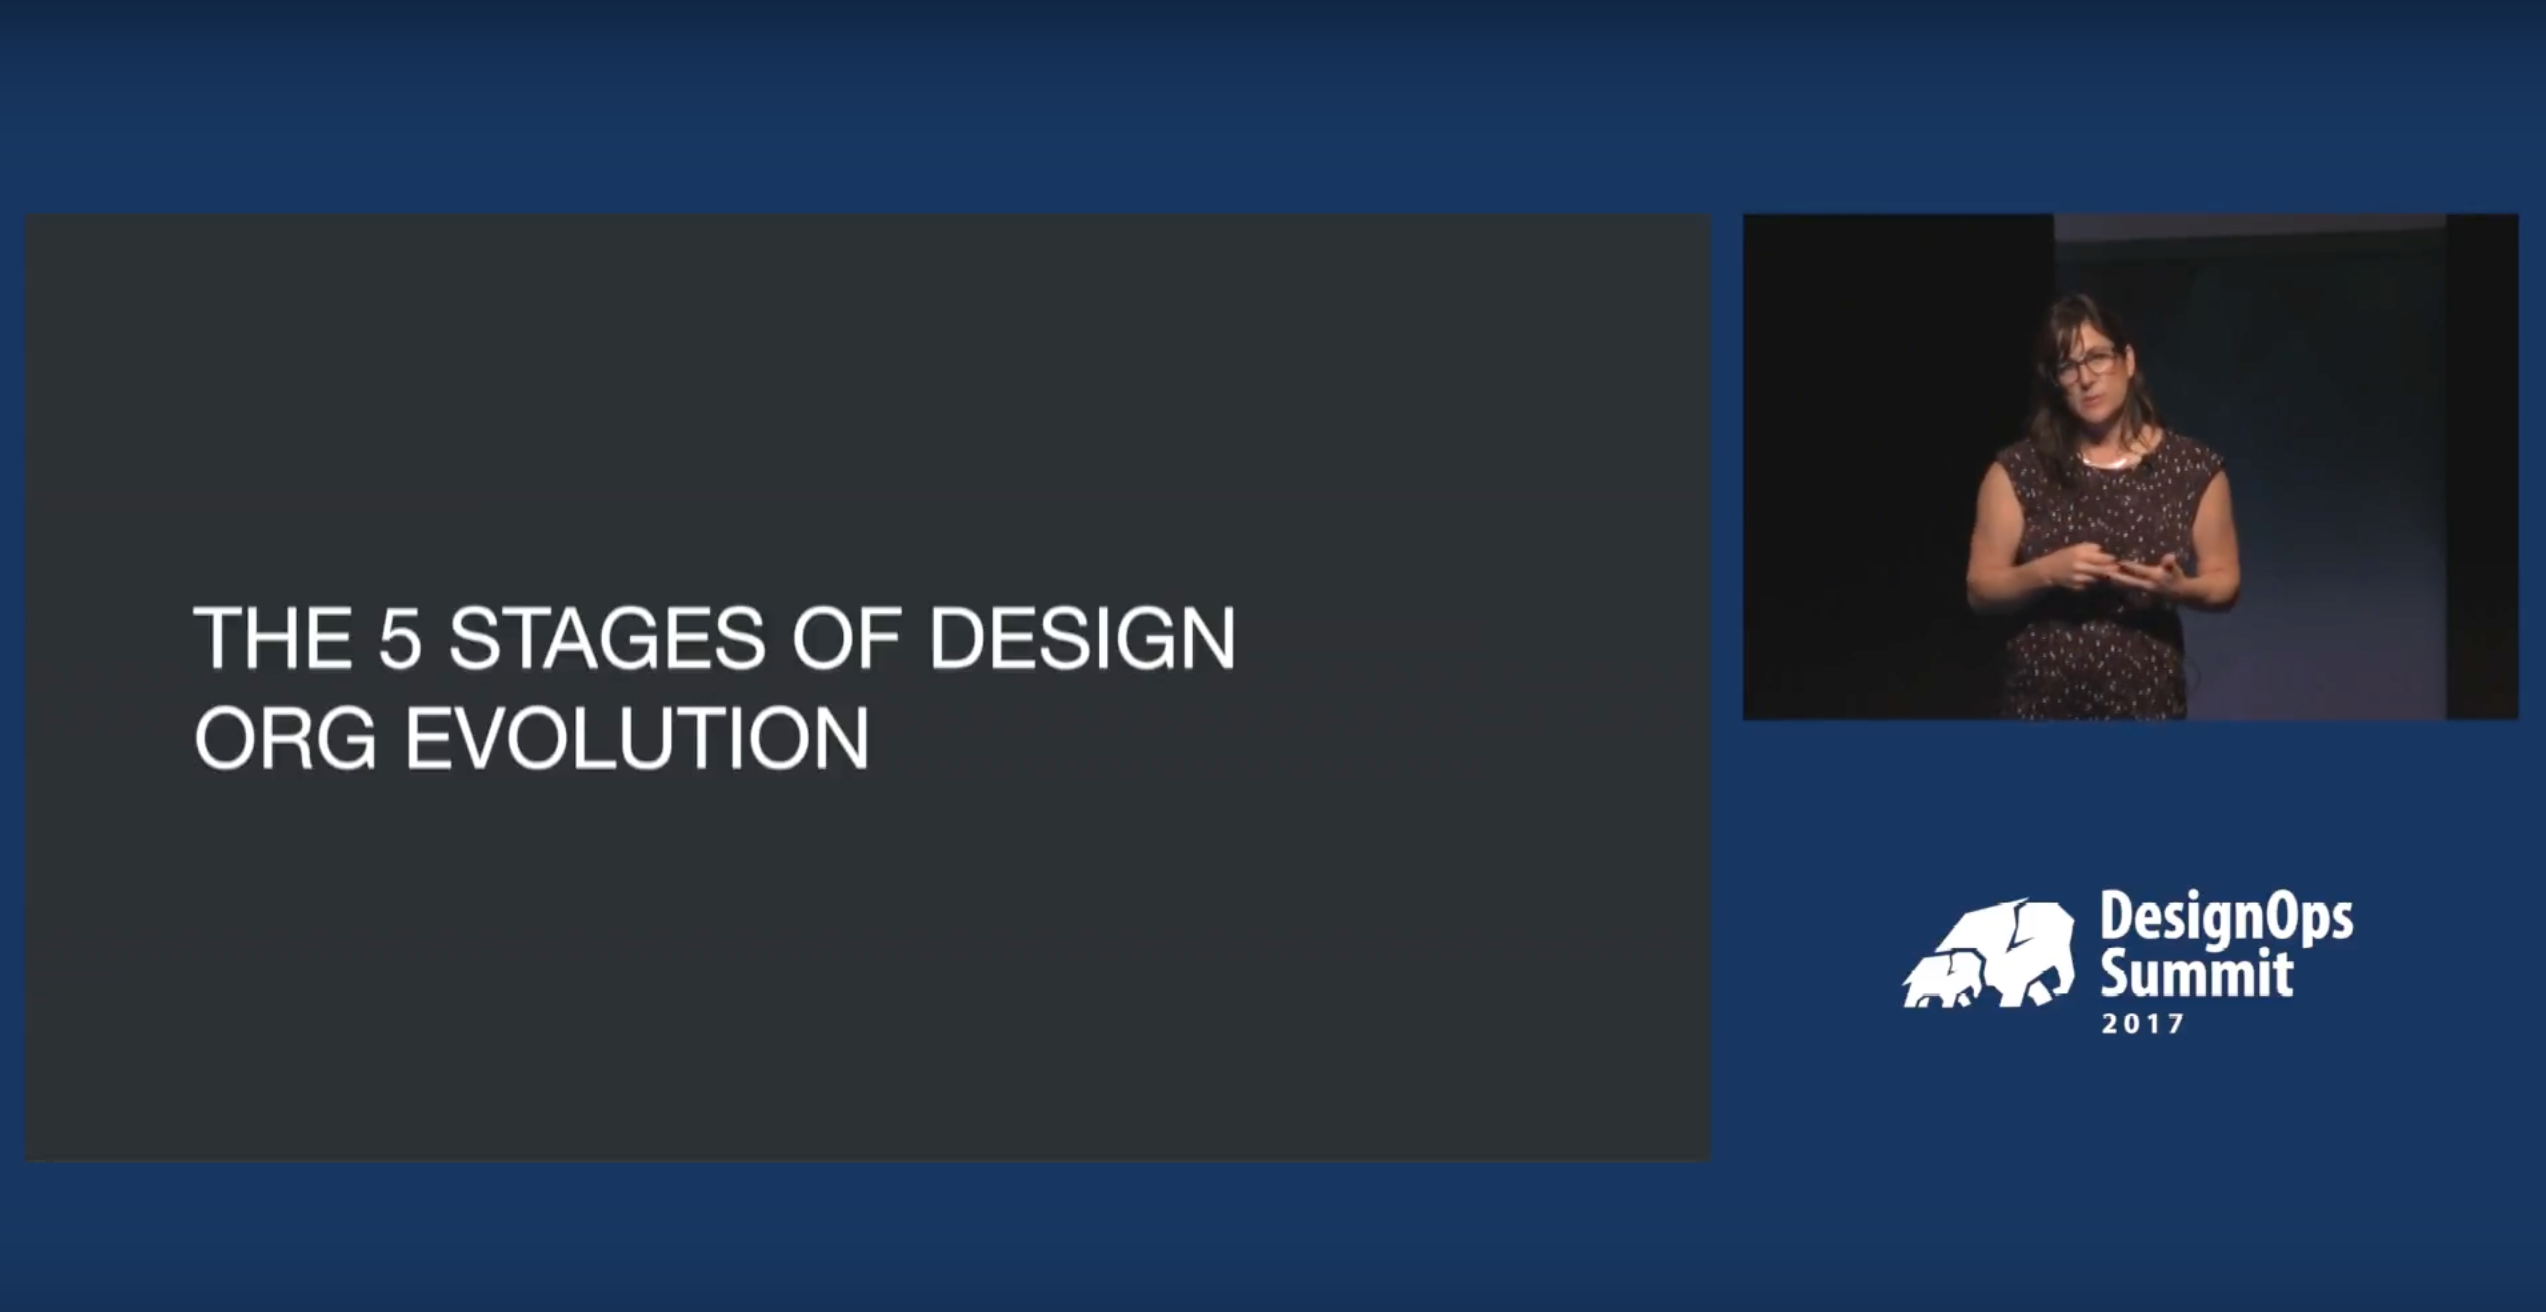 DesignOps